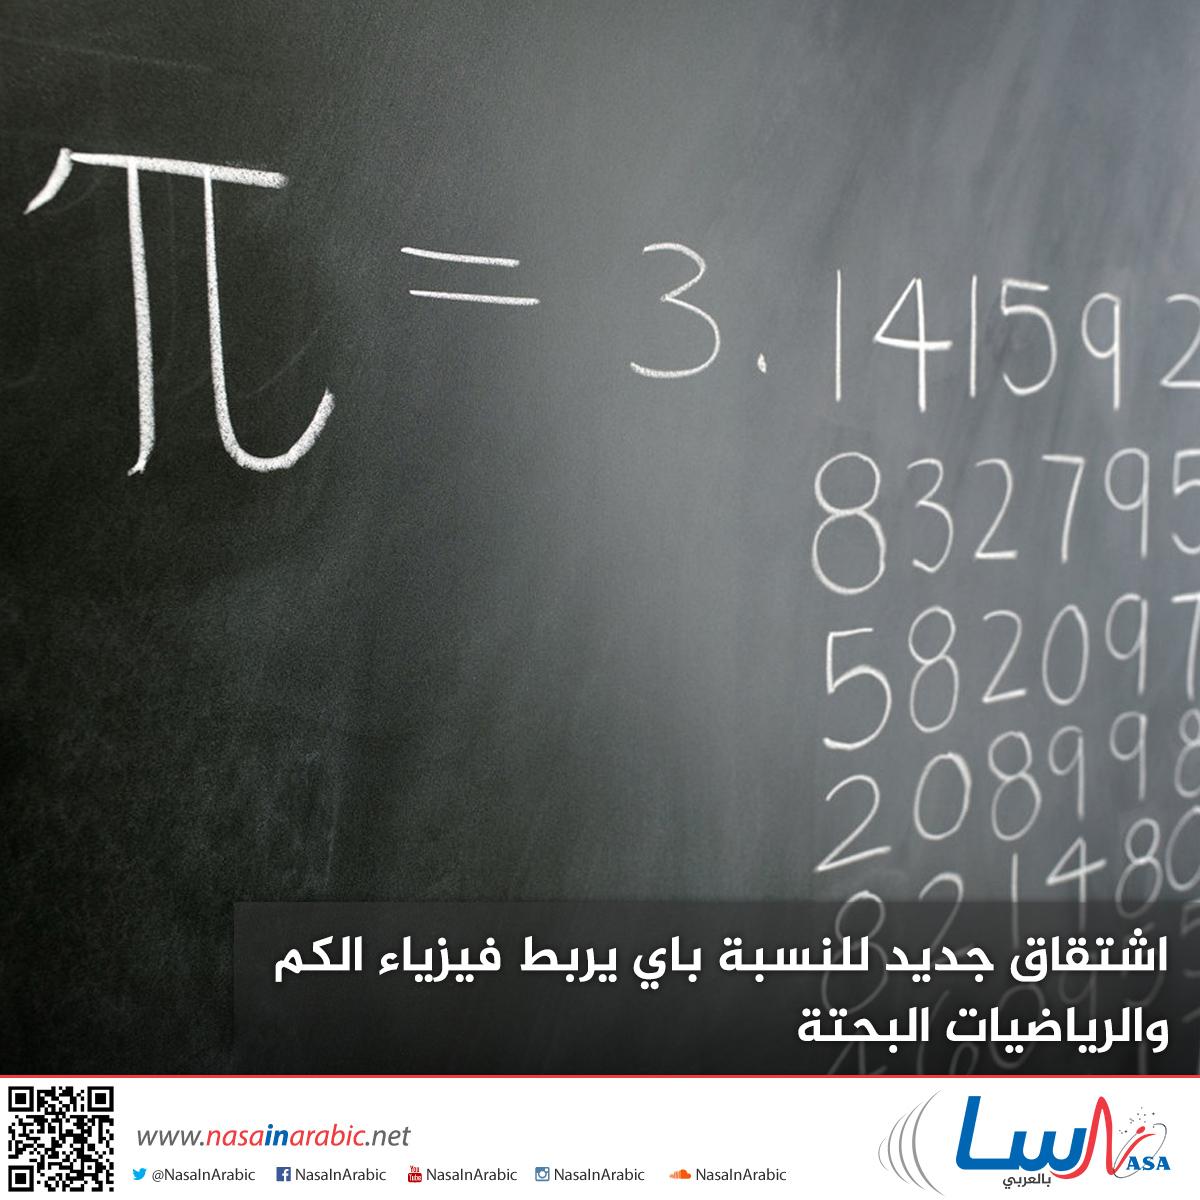 اشتقاق جديد للنسبة باي يربط فيزياء الكم و الرياضيات البحتة